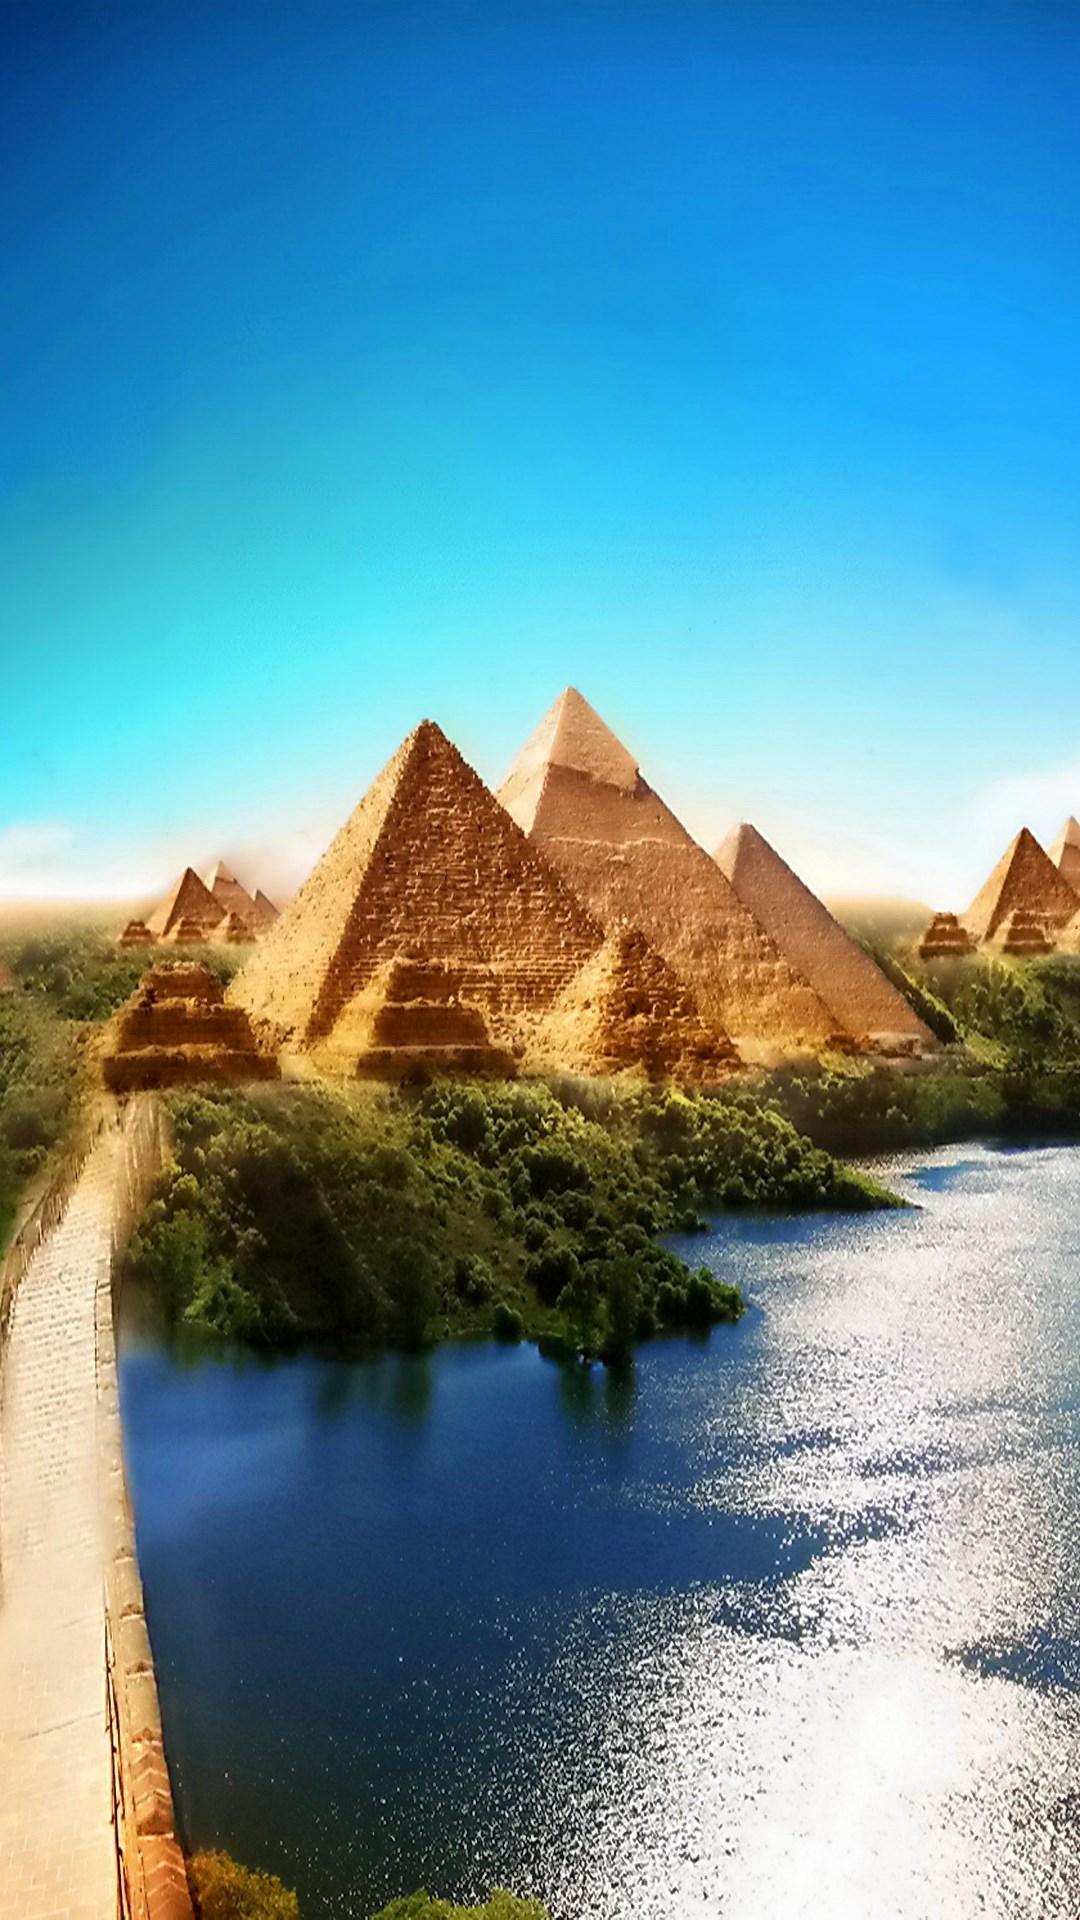 дверях тамбура обои на телефон египет вертикальные любители